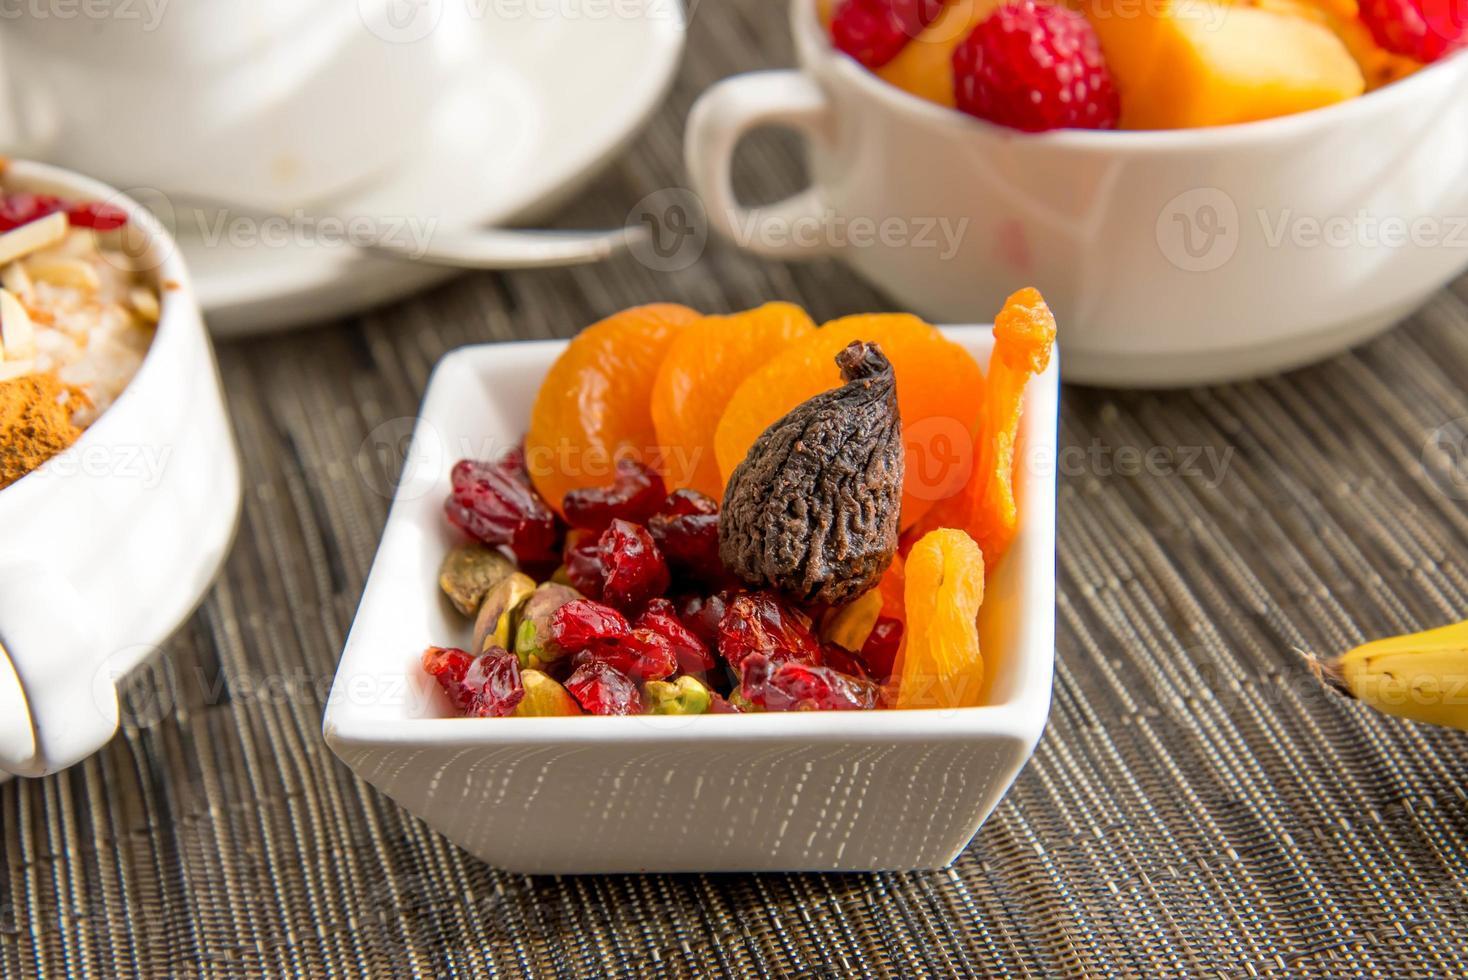 avena nutritiva y frutas secas desayuno foto